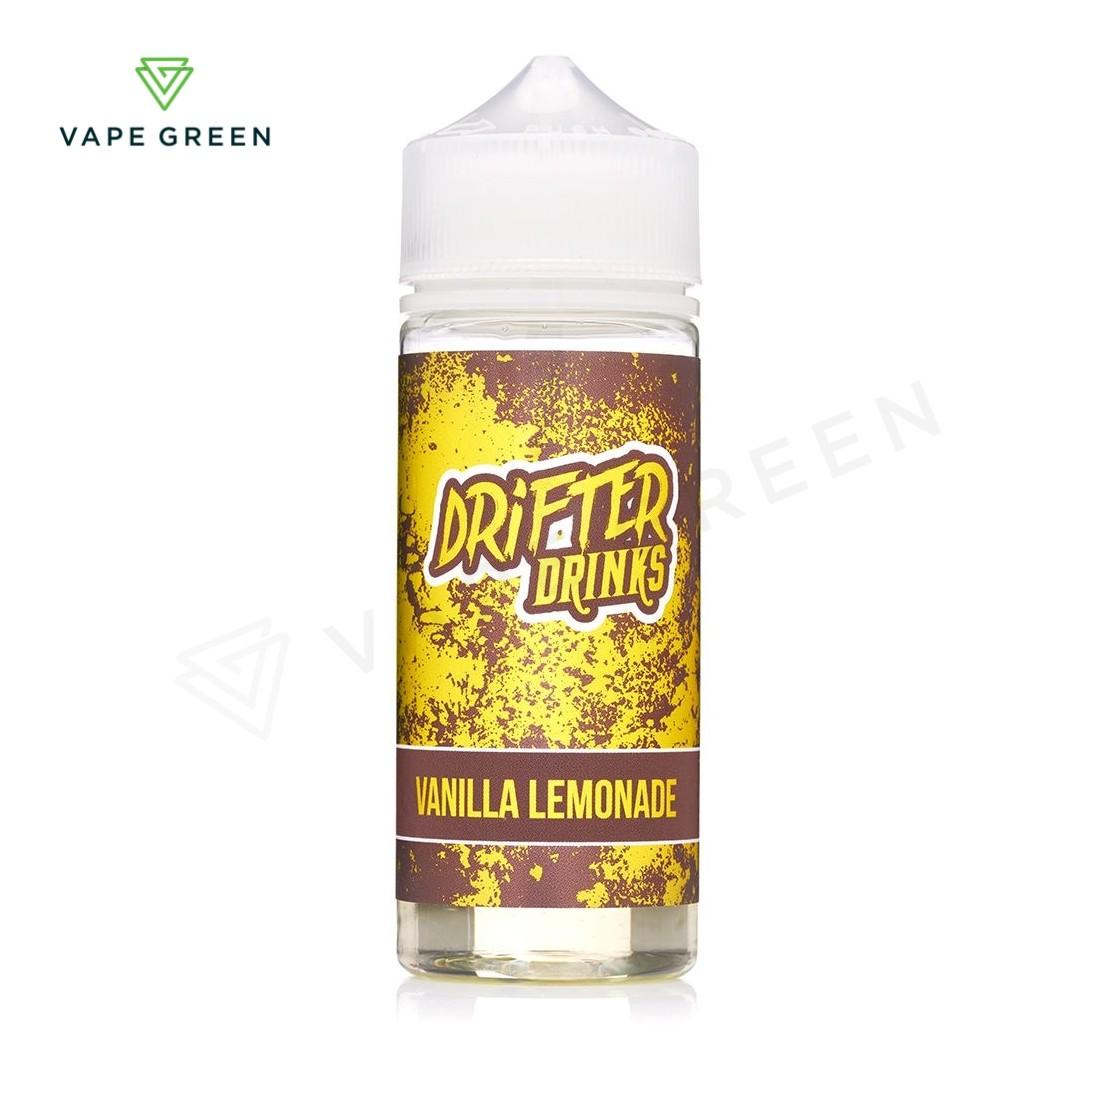 Vanilla Lemonade E-liquid by Drifter Drinks 100ml